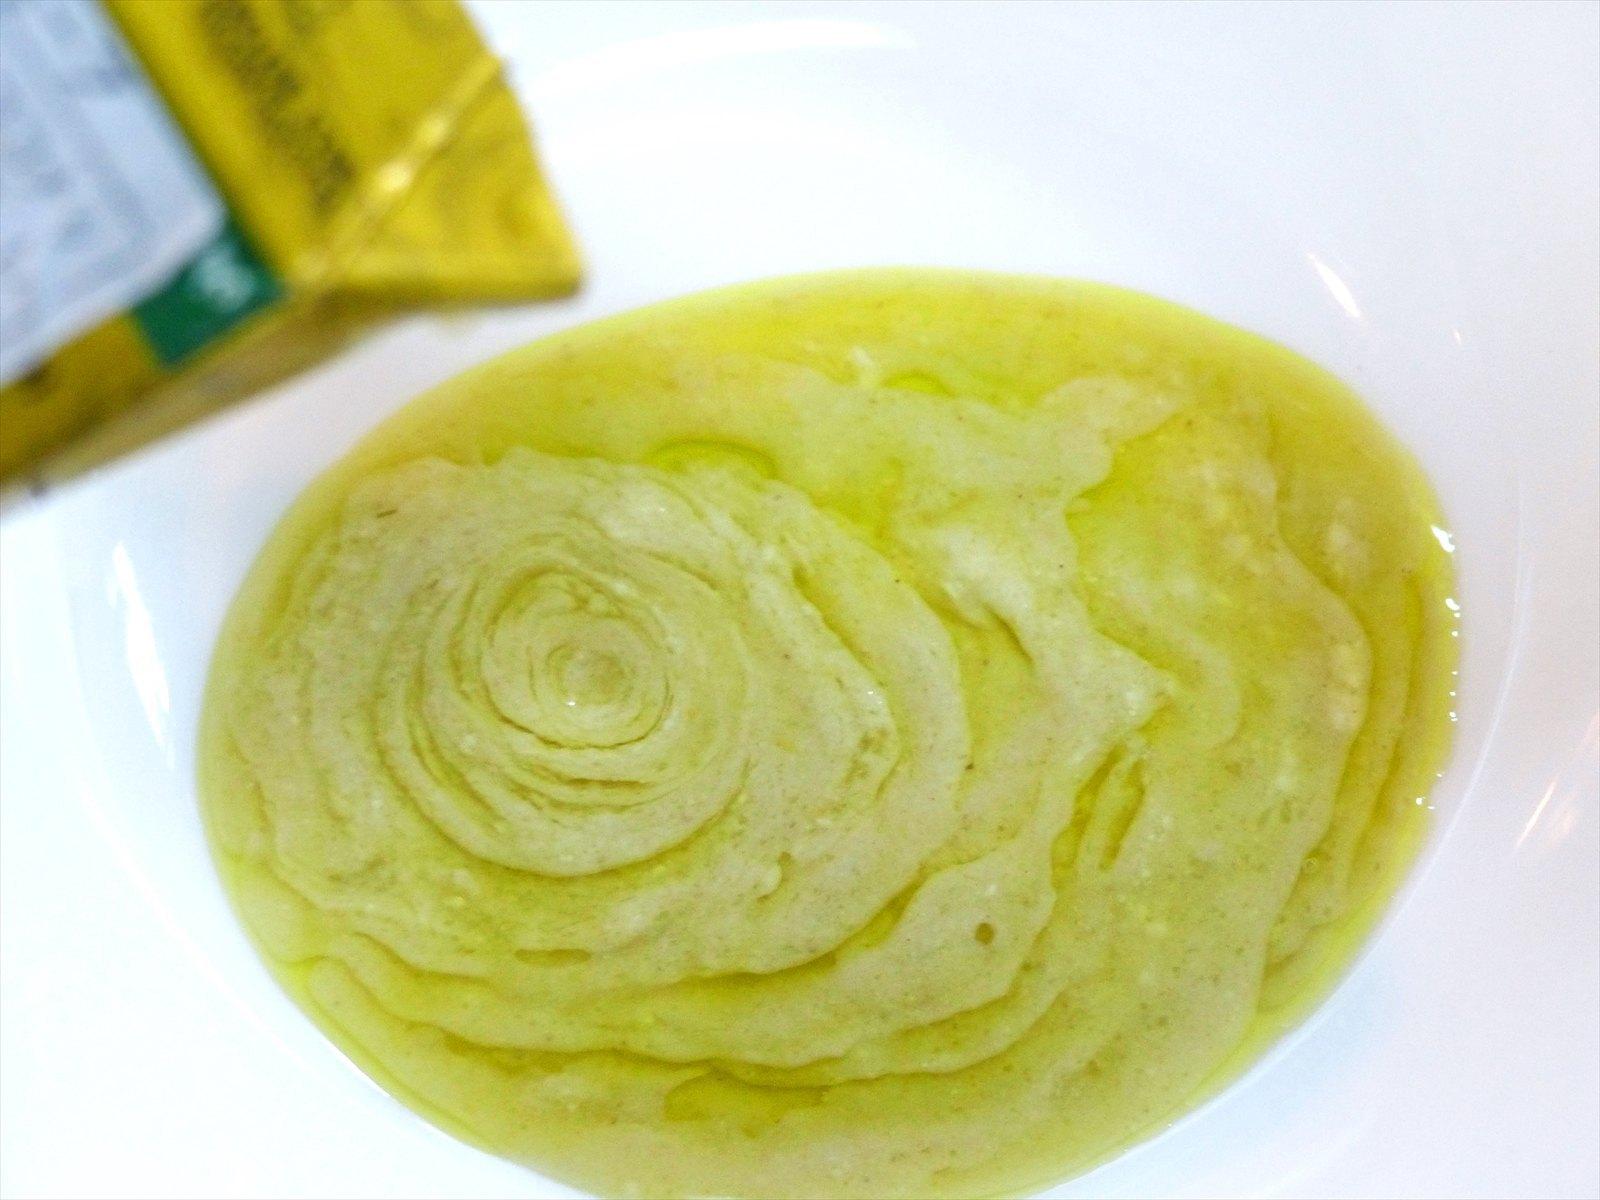 カレーのスパイスのひとつグリーンチリ(青唐辛子)に、新鮮なココナッツミルクを加えた薄緑色のスープ。